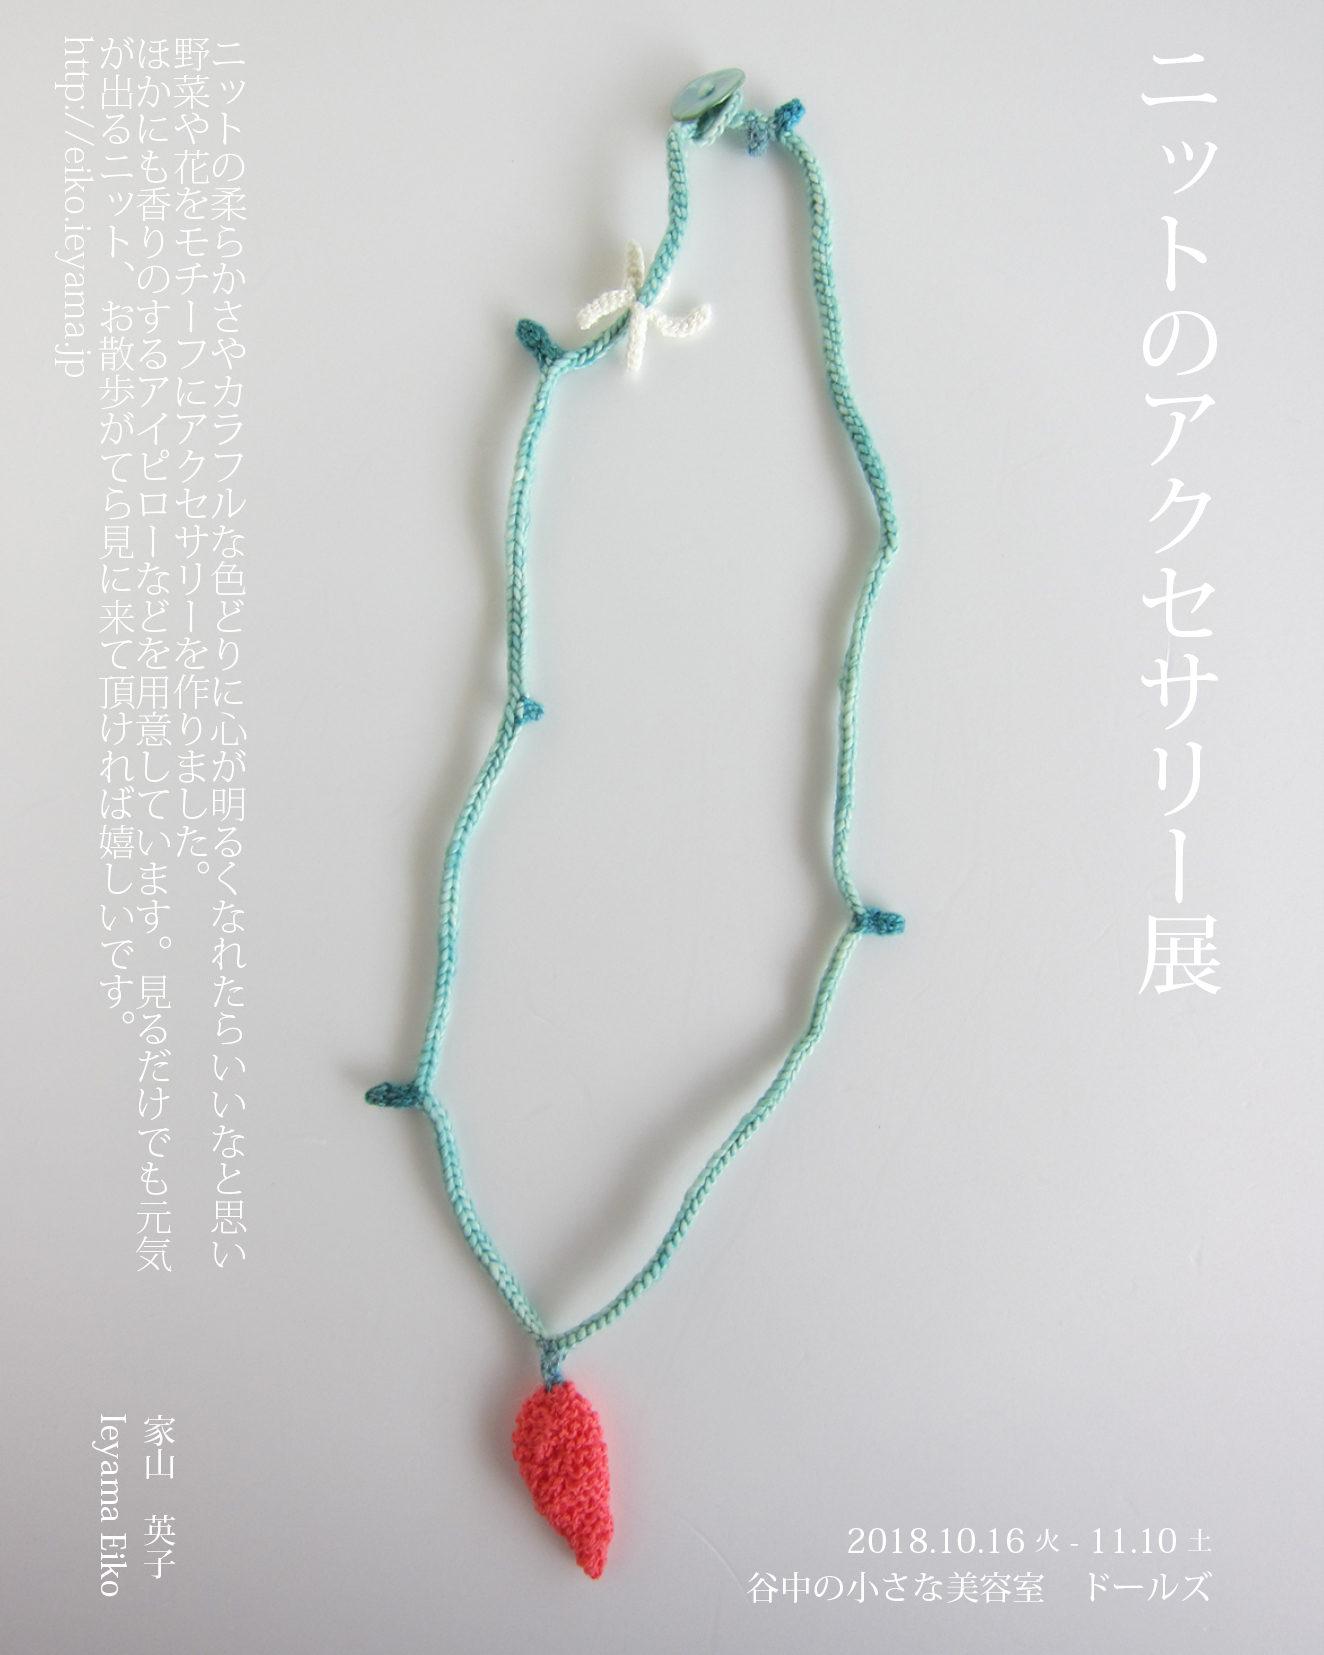 ニットのアクセサリー展_01